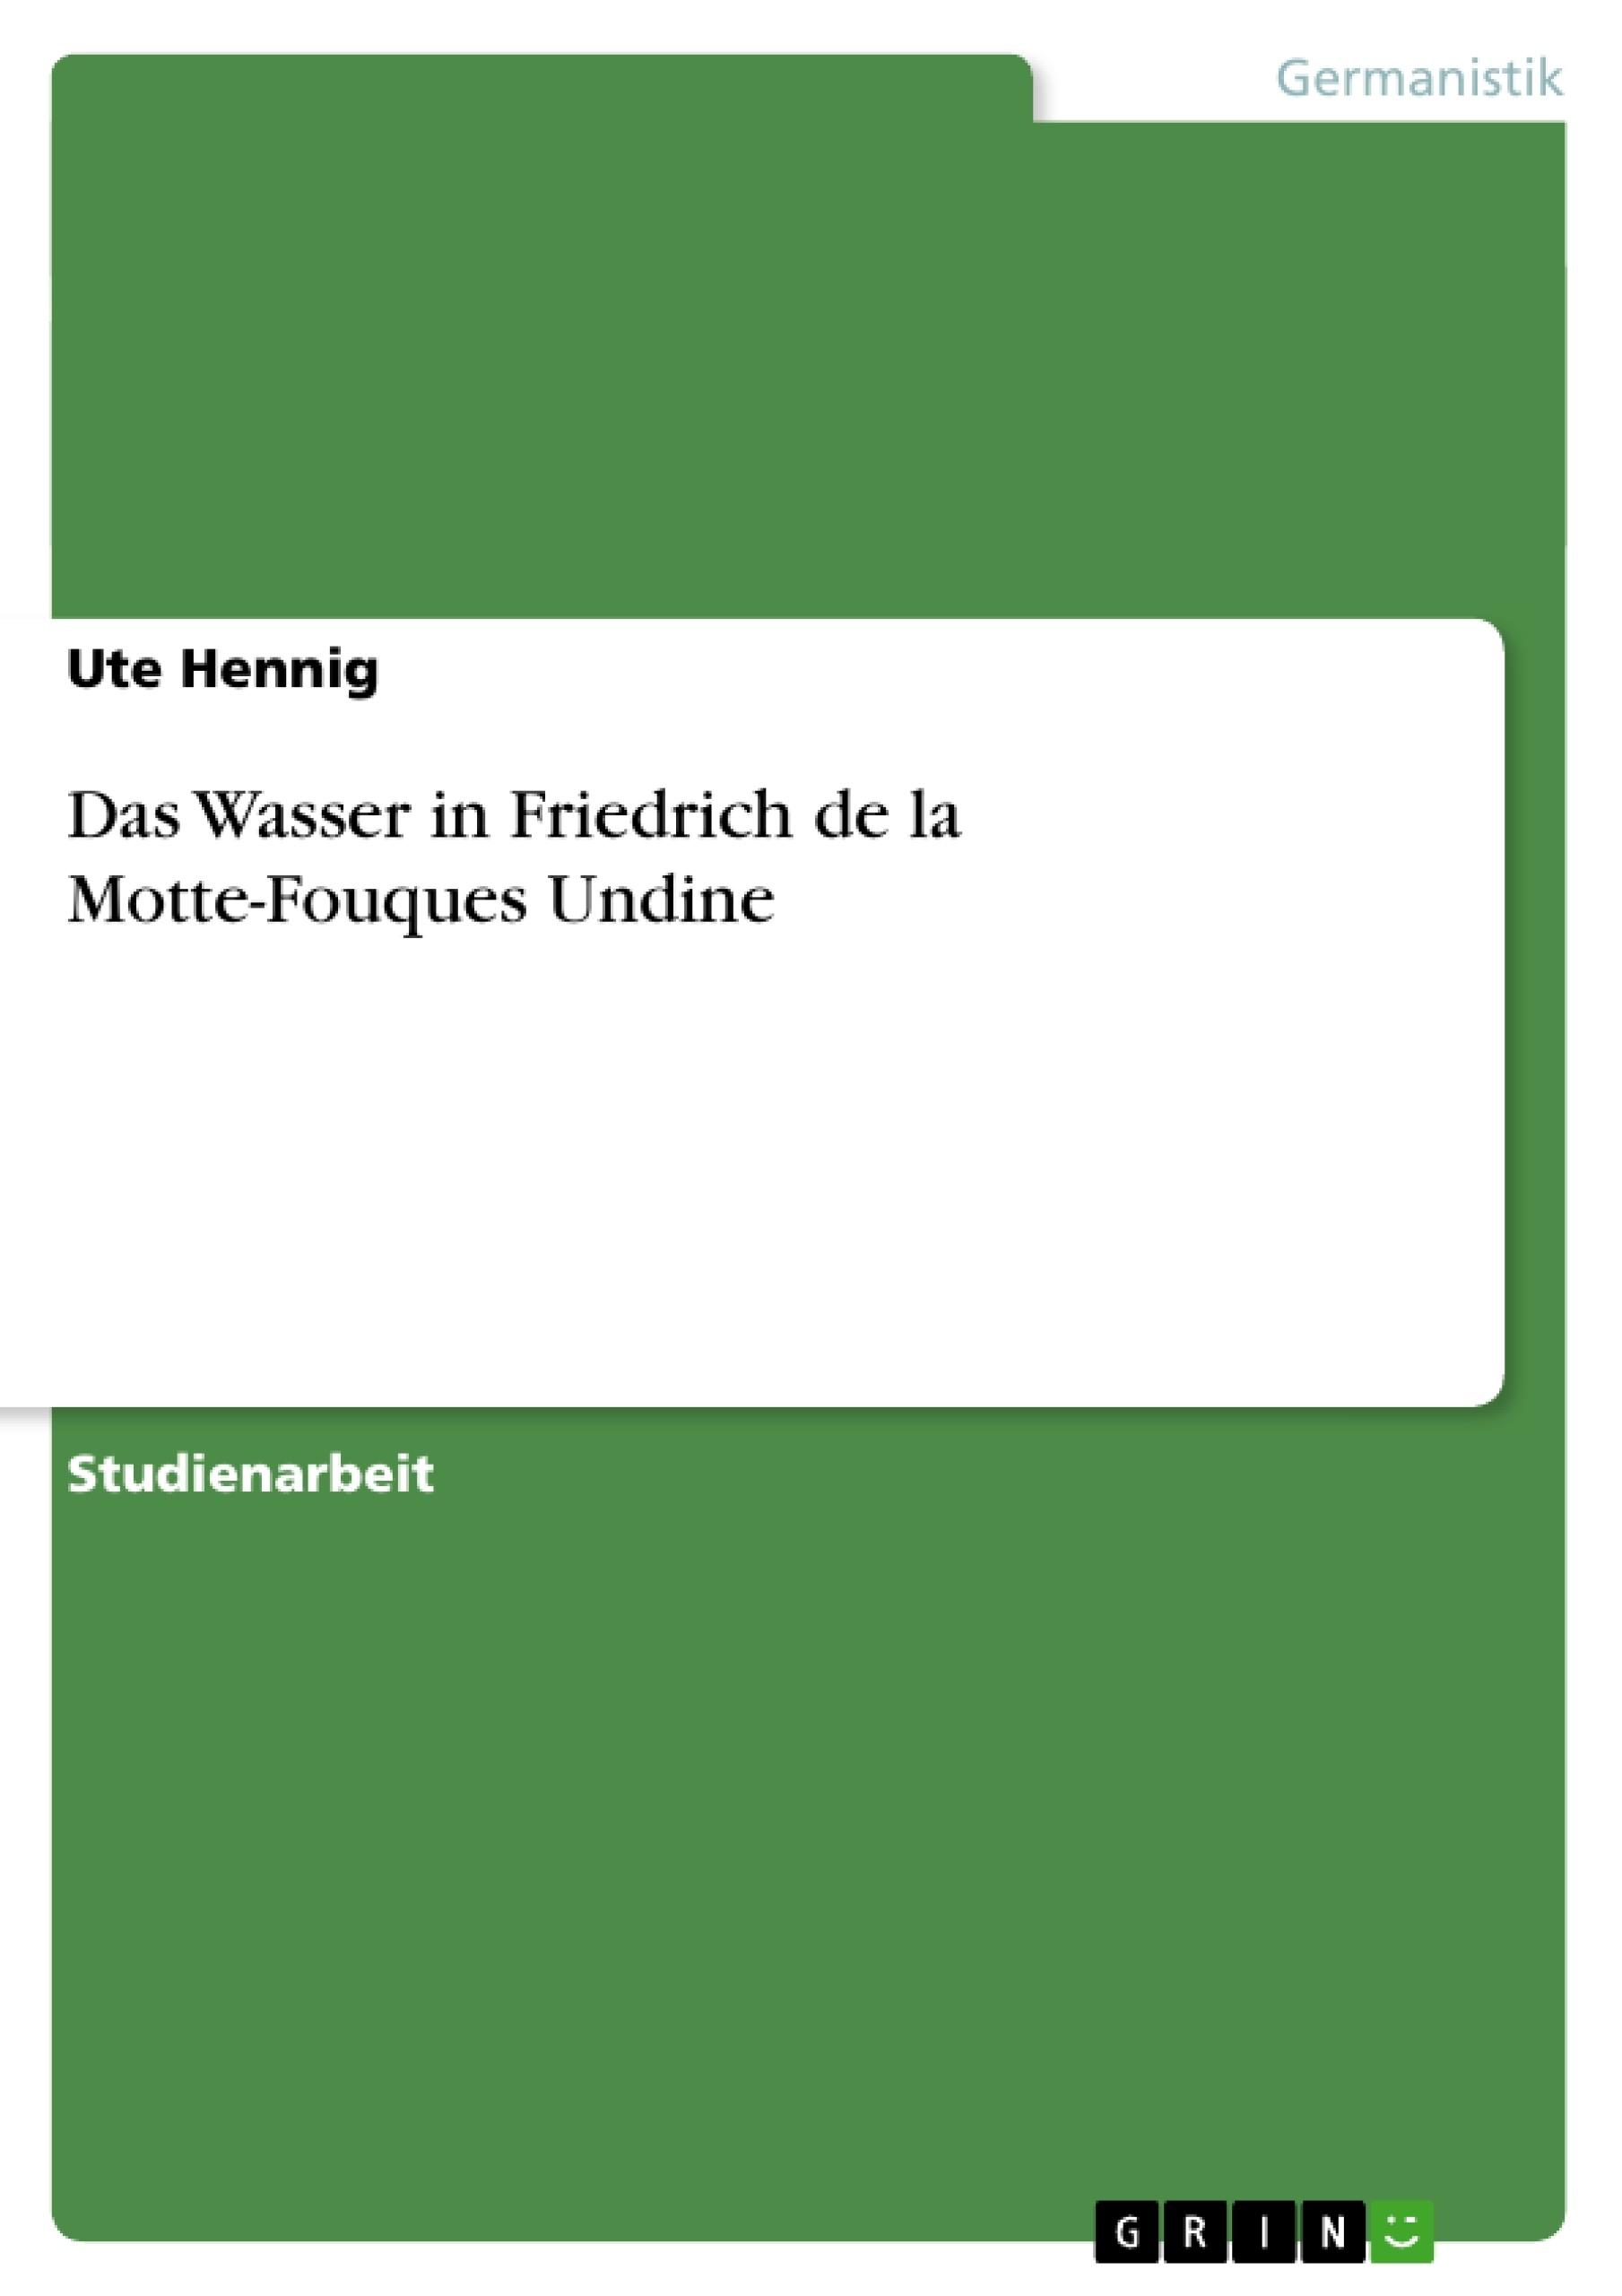 Titel: Das Wasser in Friedrich de la Motte-Fouques  Undine